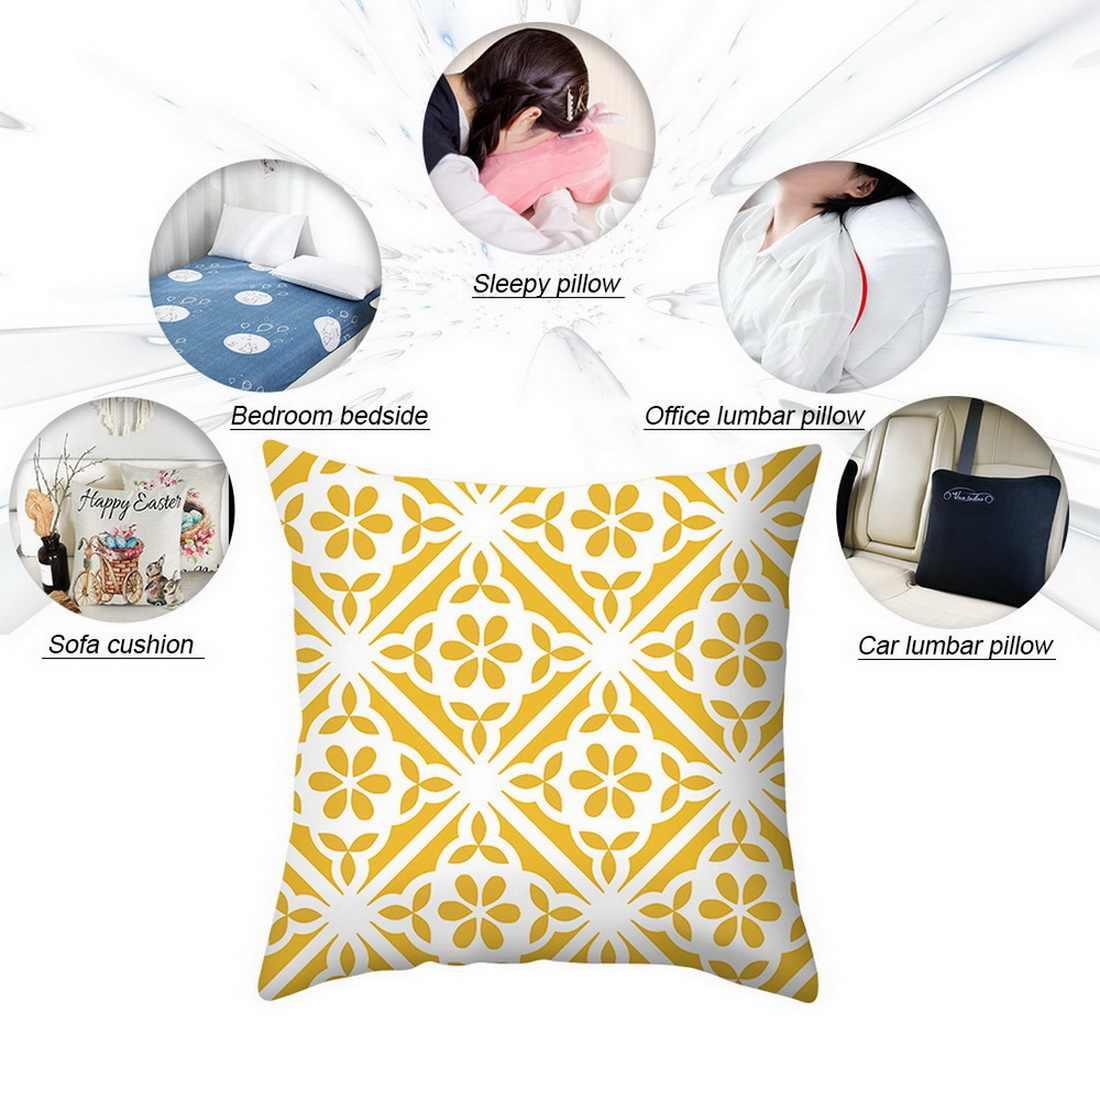 노란색 스트라이프 베개 케이스 기하학 던져 쿠션 베개 커버 인쇄 쿠션 베개 케이스 침실 사무실